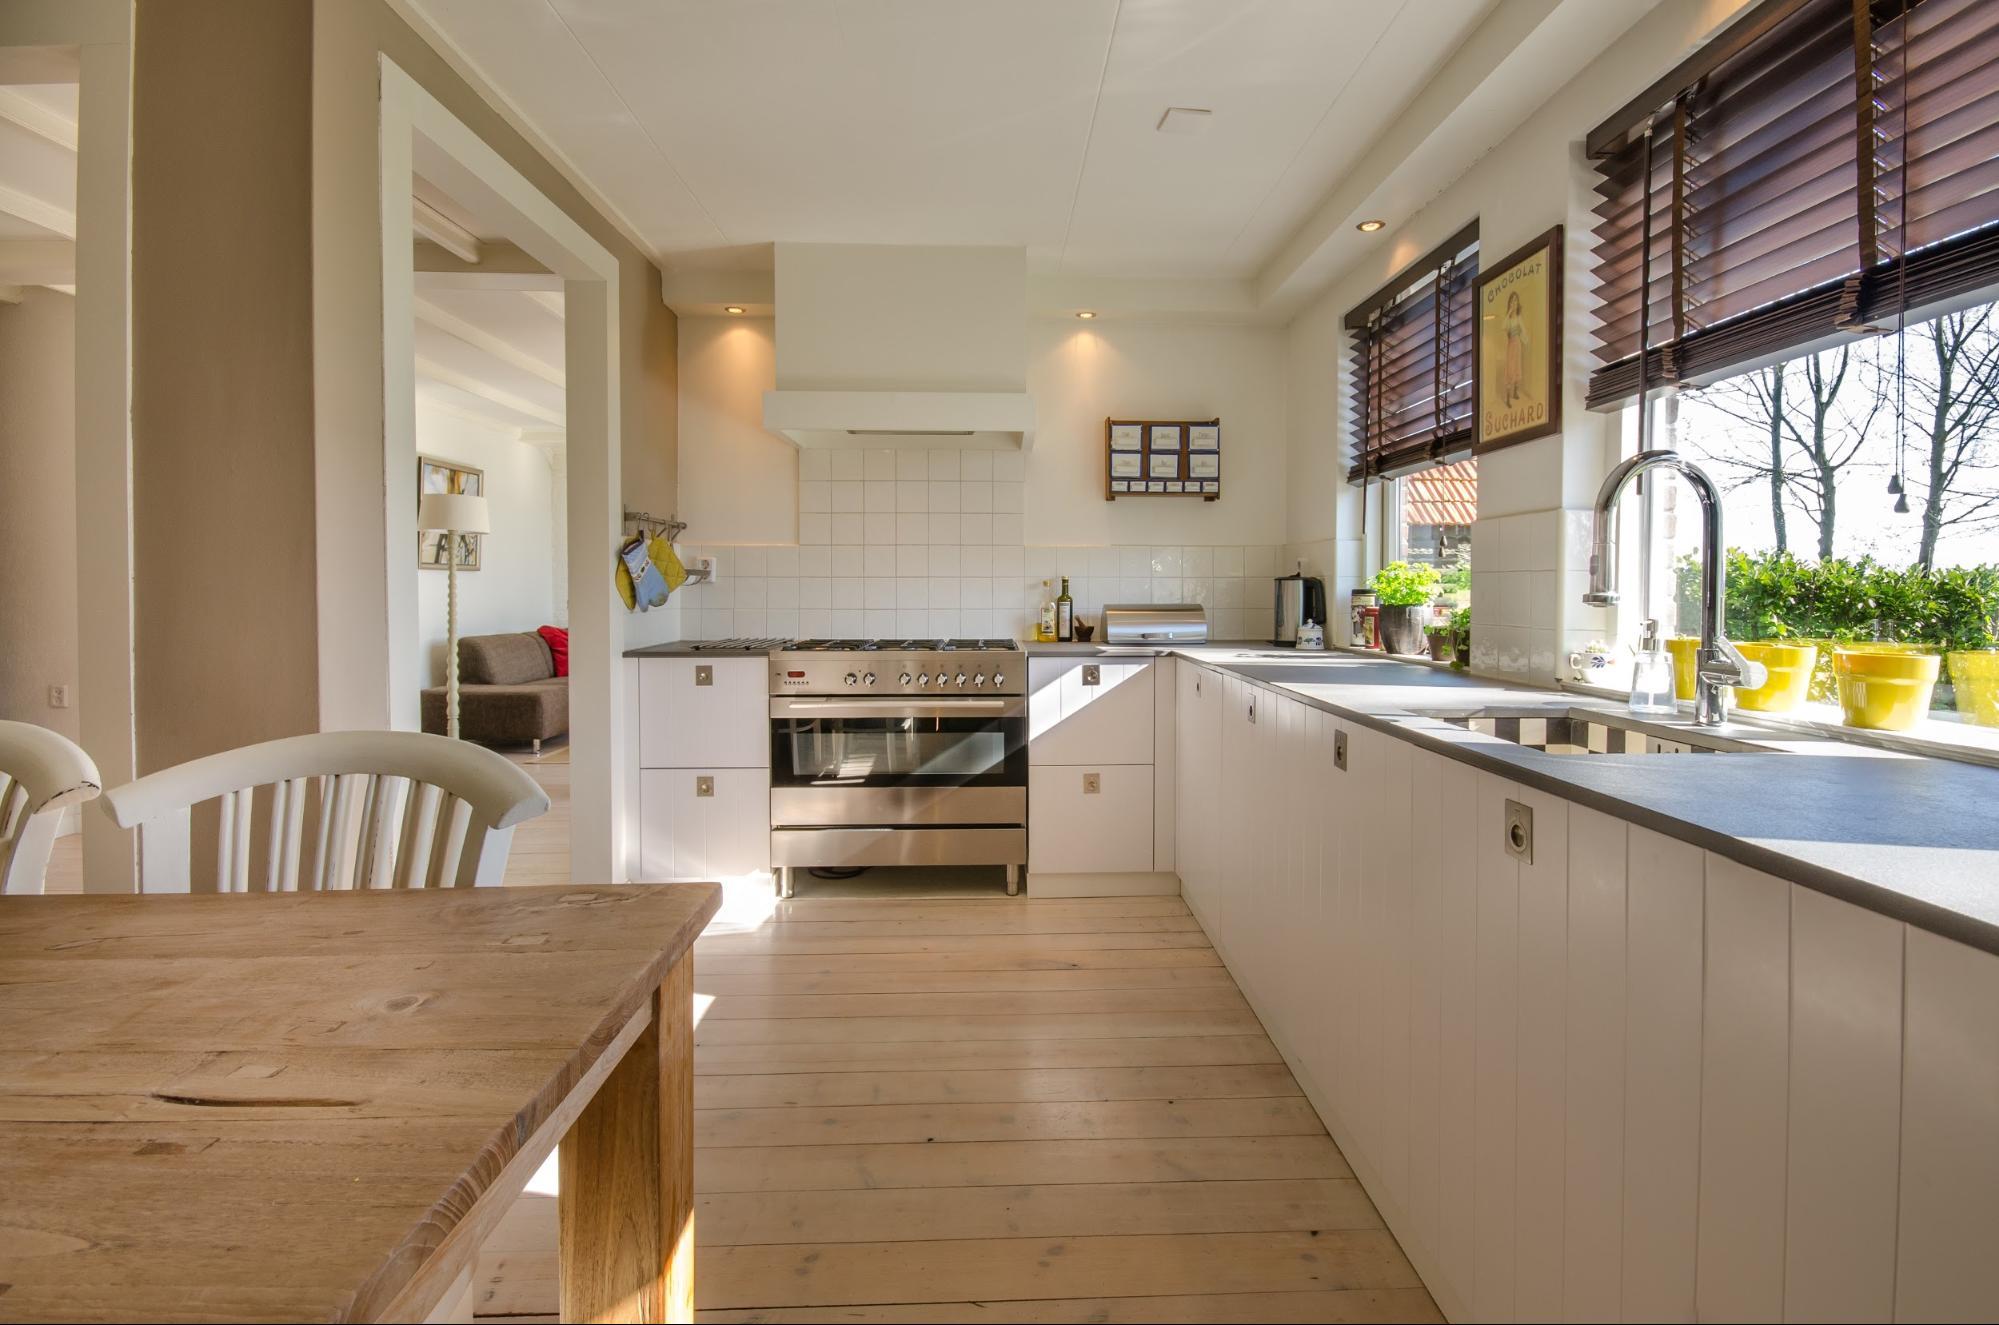 Bekannt Den optimalen Bodenbelag für die Küche finden – wie gut sind UP87